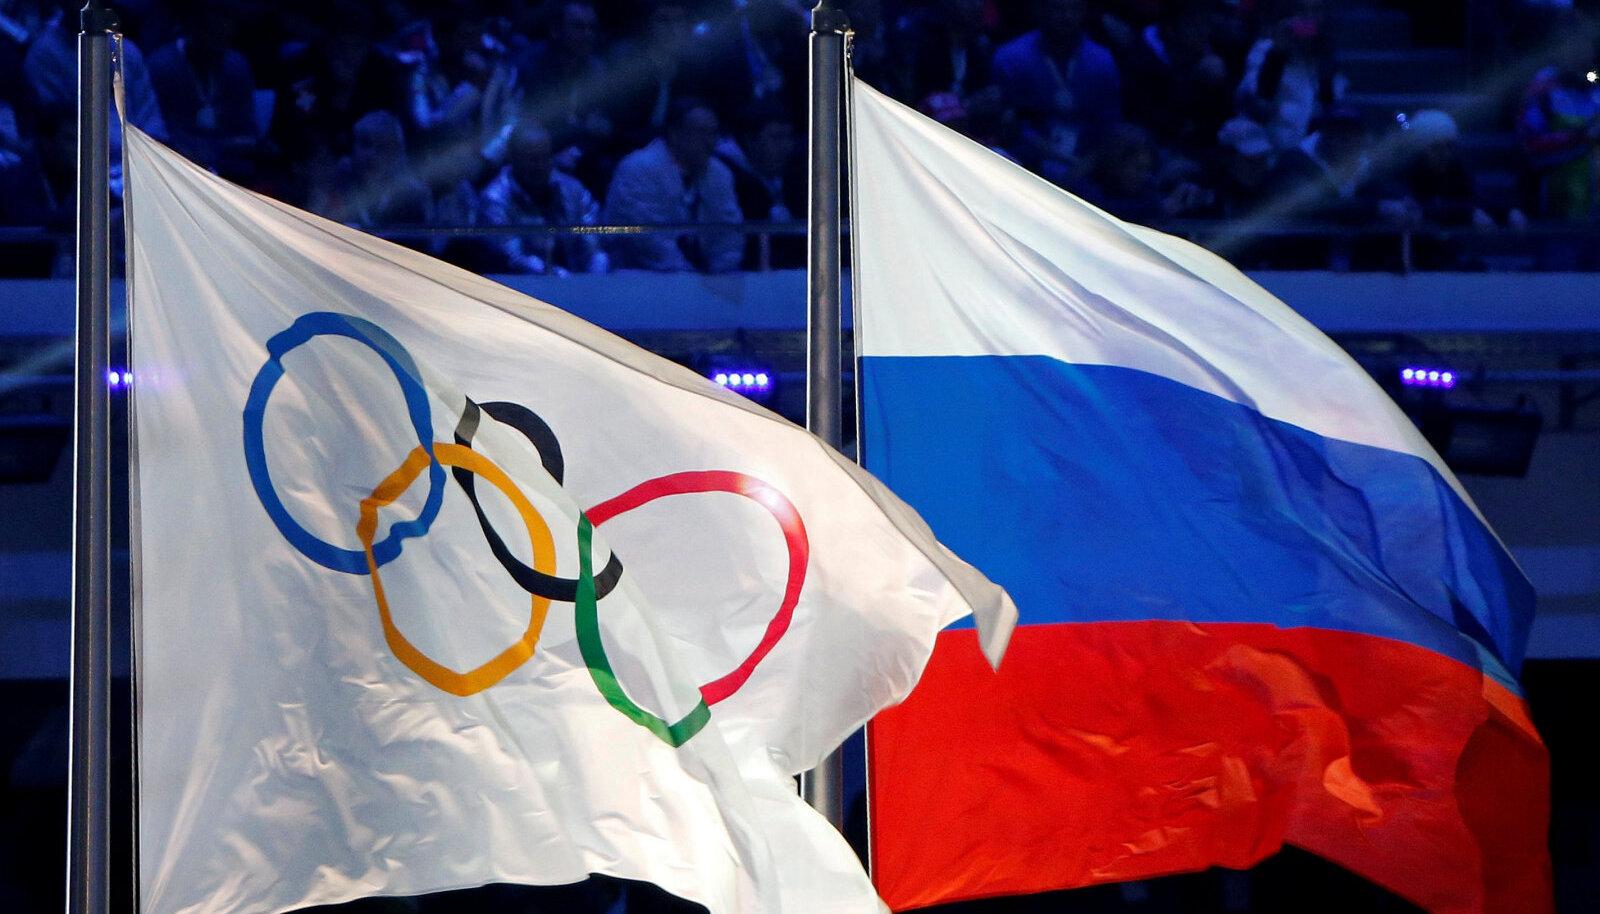 Kas Venemaa sportlased võivad järgmise aasta Tokyo olümpial saada võimaluse võistelda Venemaa lipu all?